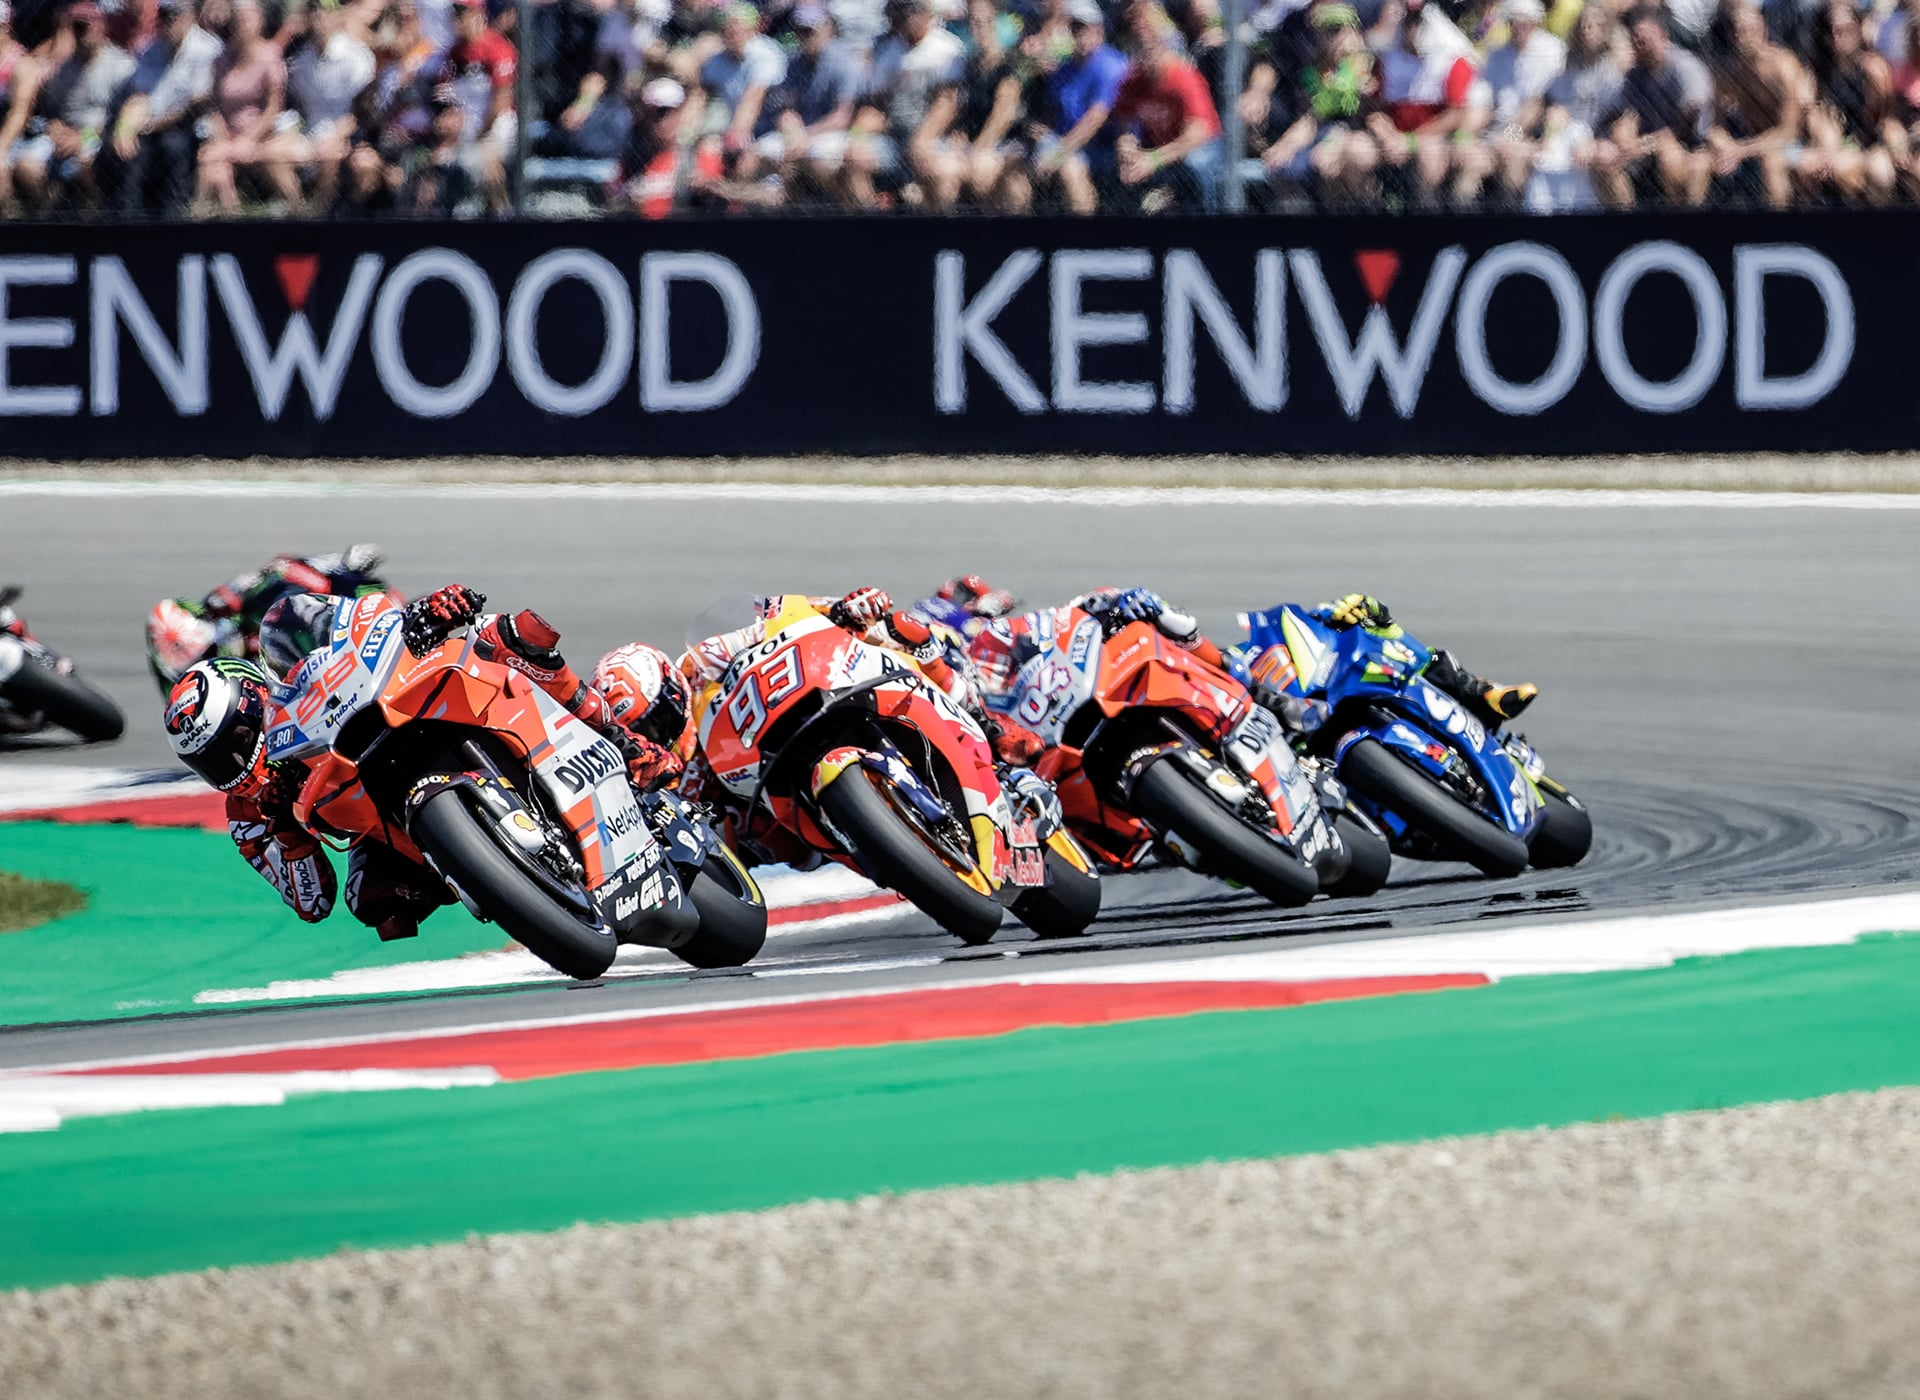 Soluciones integrales para eventos deportivos del motor. Proyecto realizado para MotoGP.